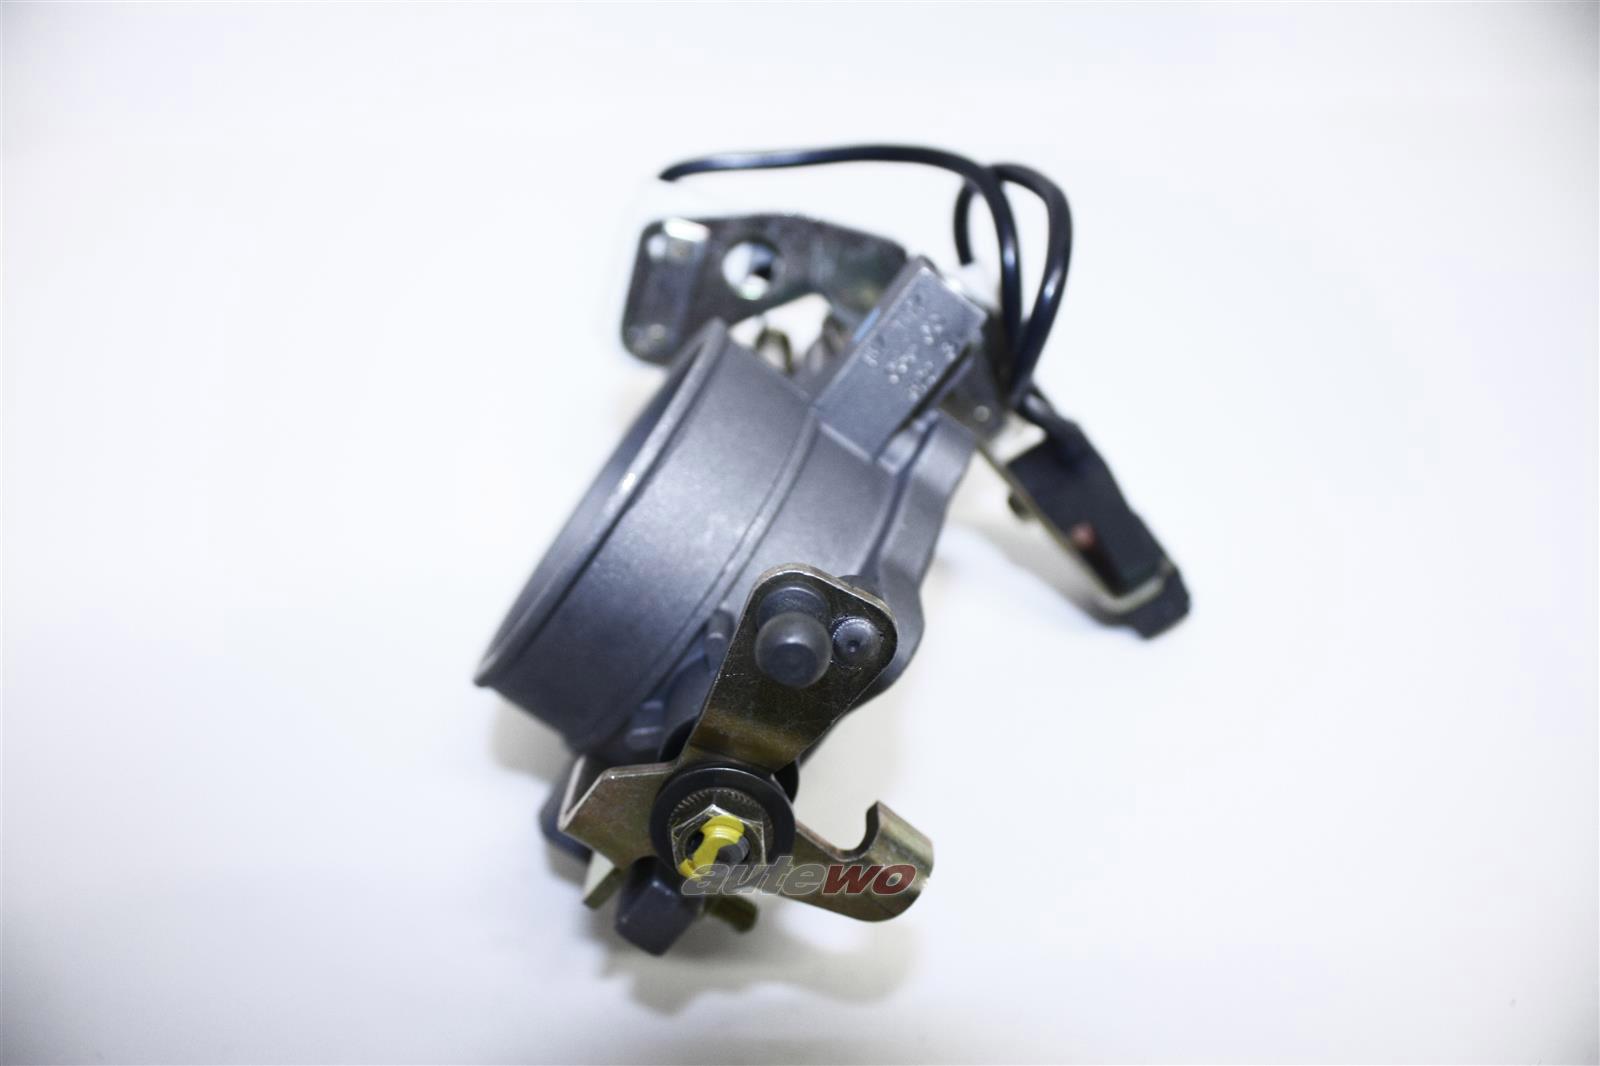 035133063GC NEU Audi 200 Typ 44 2.2l 5 Zyl. KH Drosselklappe Schaltung